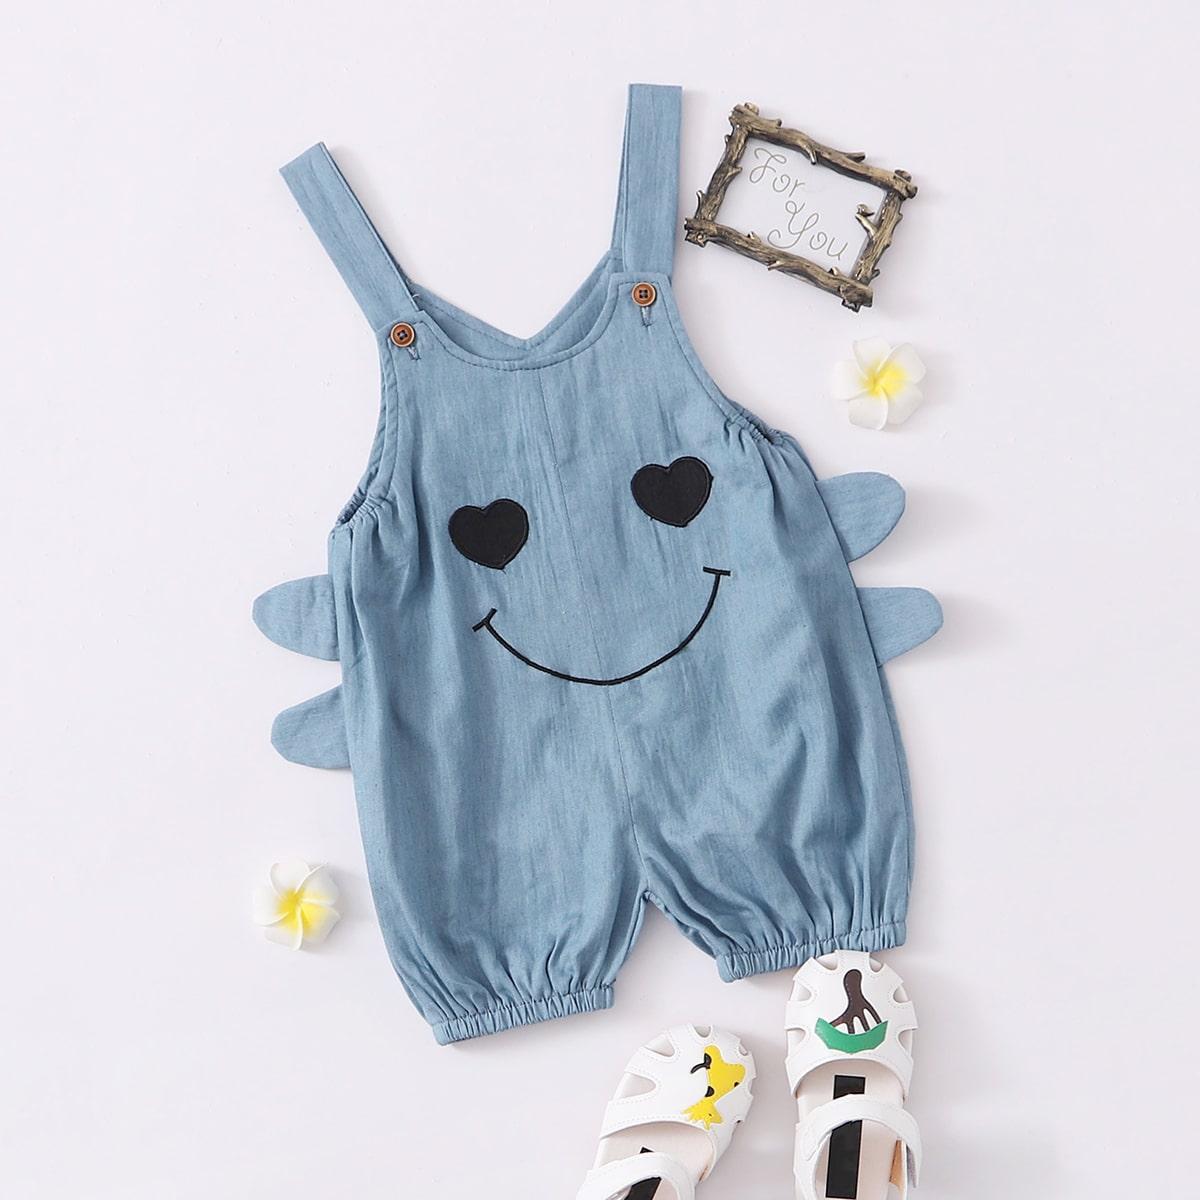 Джинсовый комбинезон с вышивкой сердечка для мальчиков от SHEIN